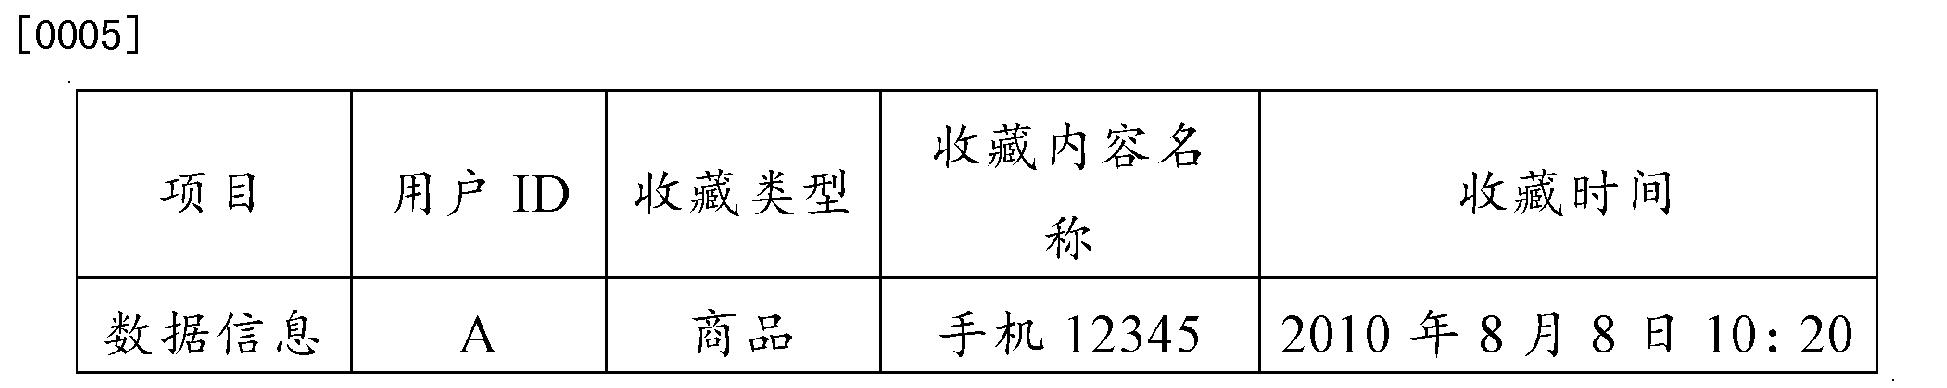 Figure CN102722481BD00061